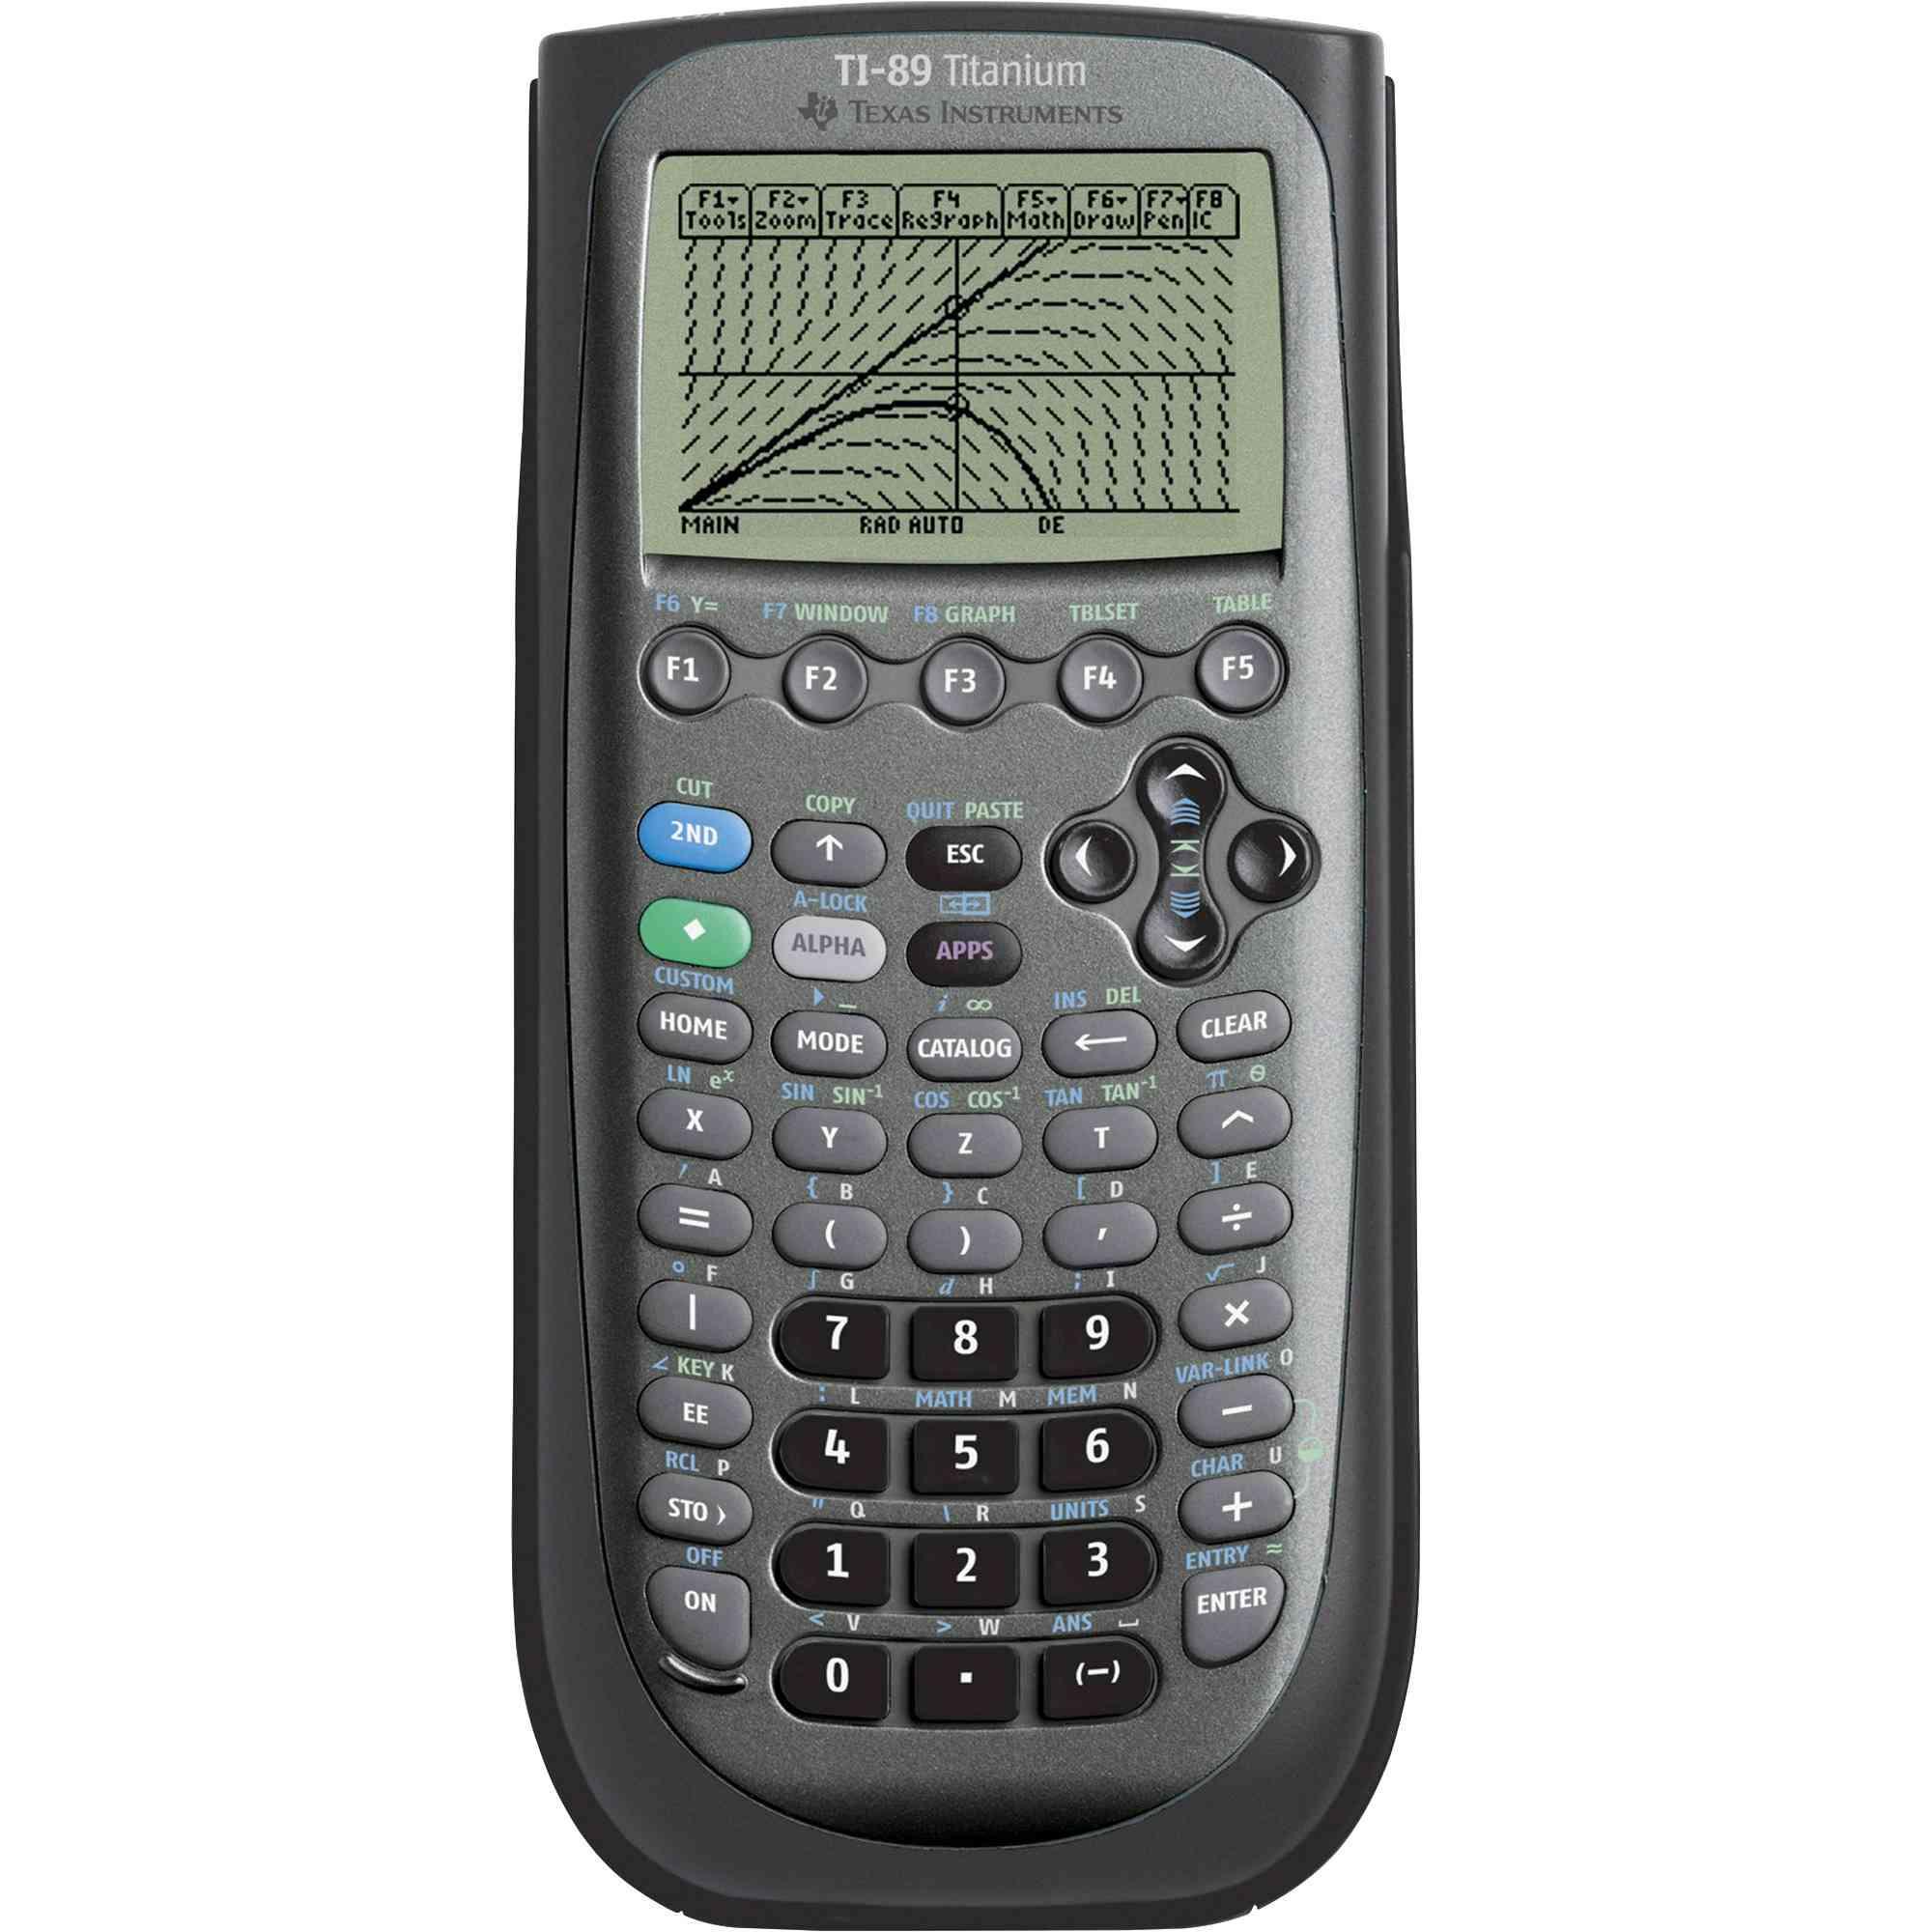 Texas Instruments TI-89 Titanium CAS